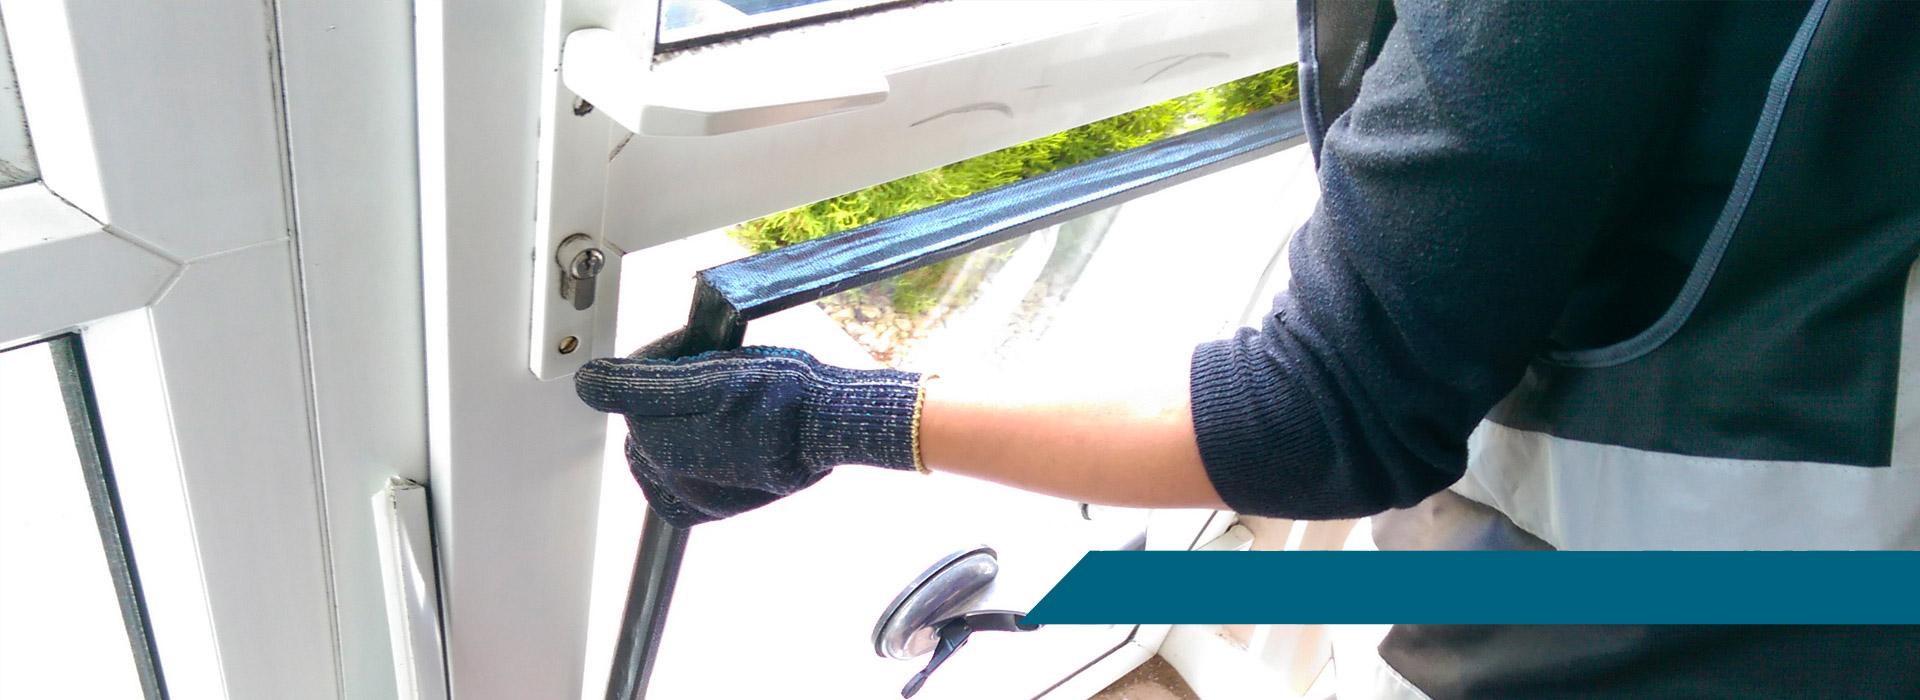 miroiterie massilia pose et d pannage de vitre et de miroir sur marseille. Black Bedroom Furniture Sets. Home Design Ideas